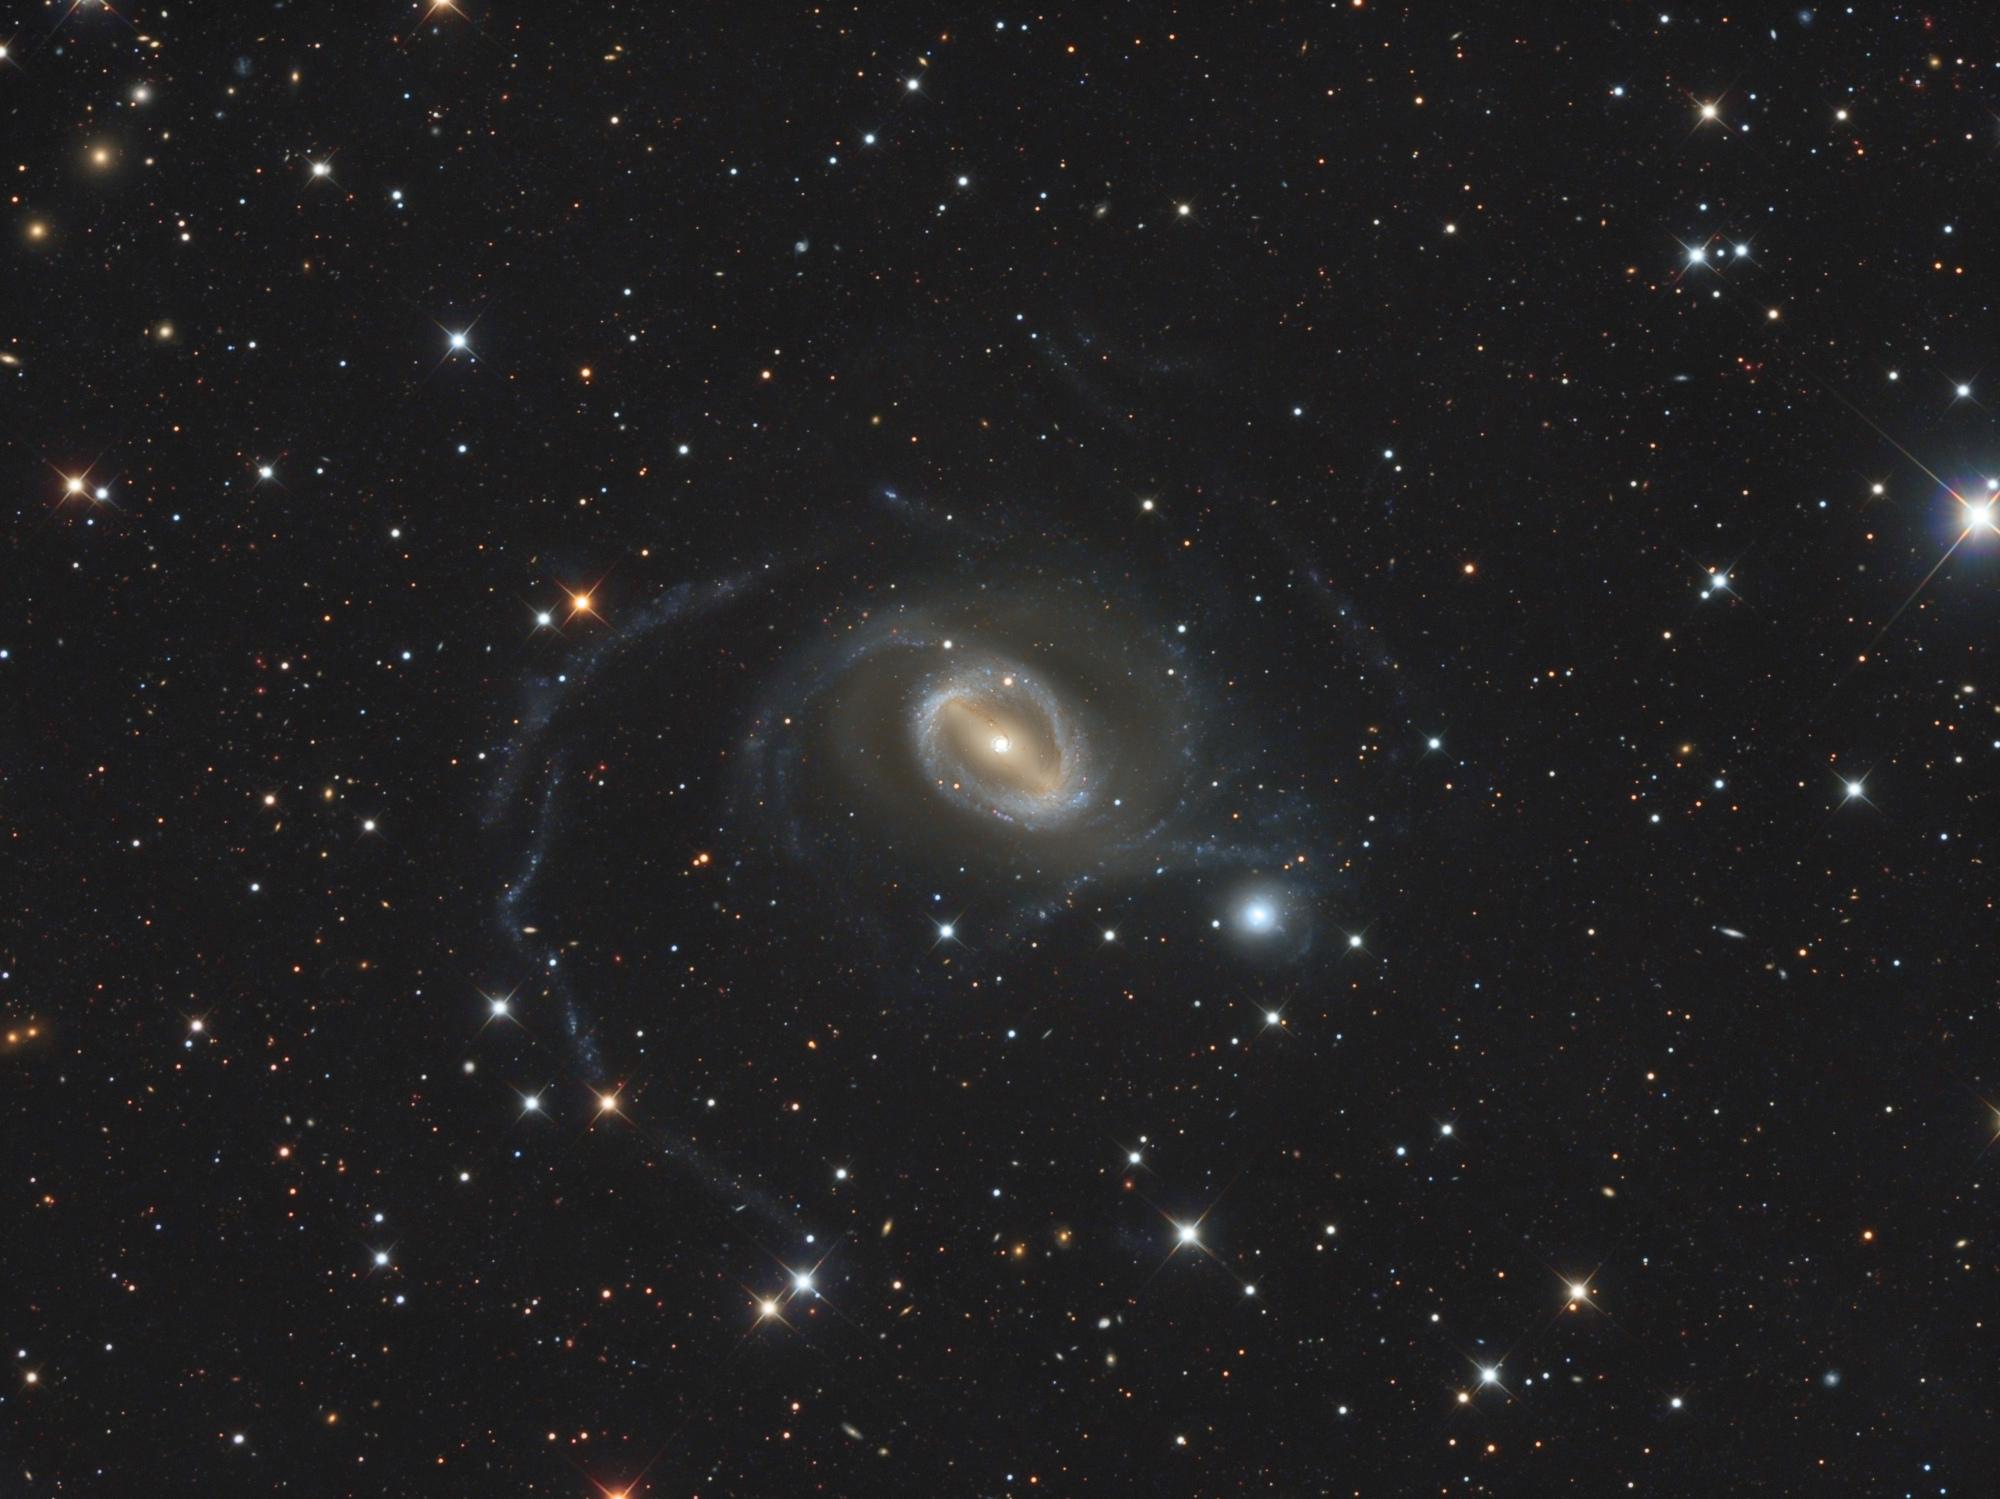 NGC1512-LRVB-V5.thumb.jpg.73295f0691dc13ea72ec7b4f320edf89.jpg